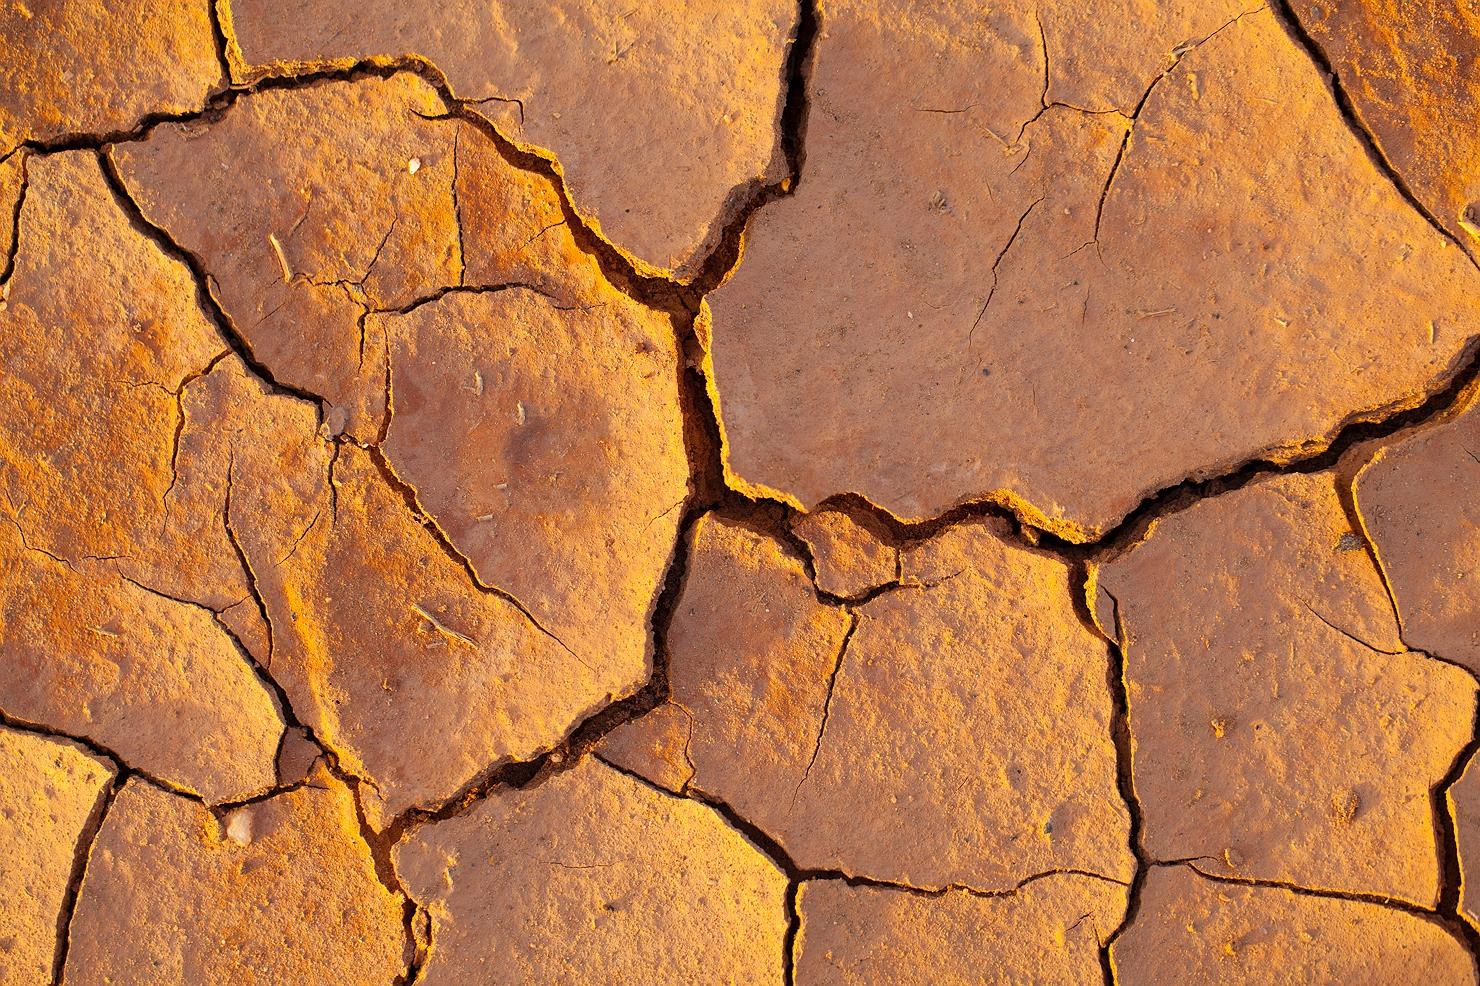 03_kalgoorlie_landscape_dry_cracks